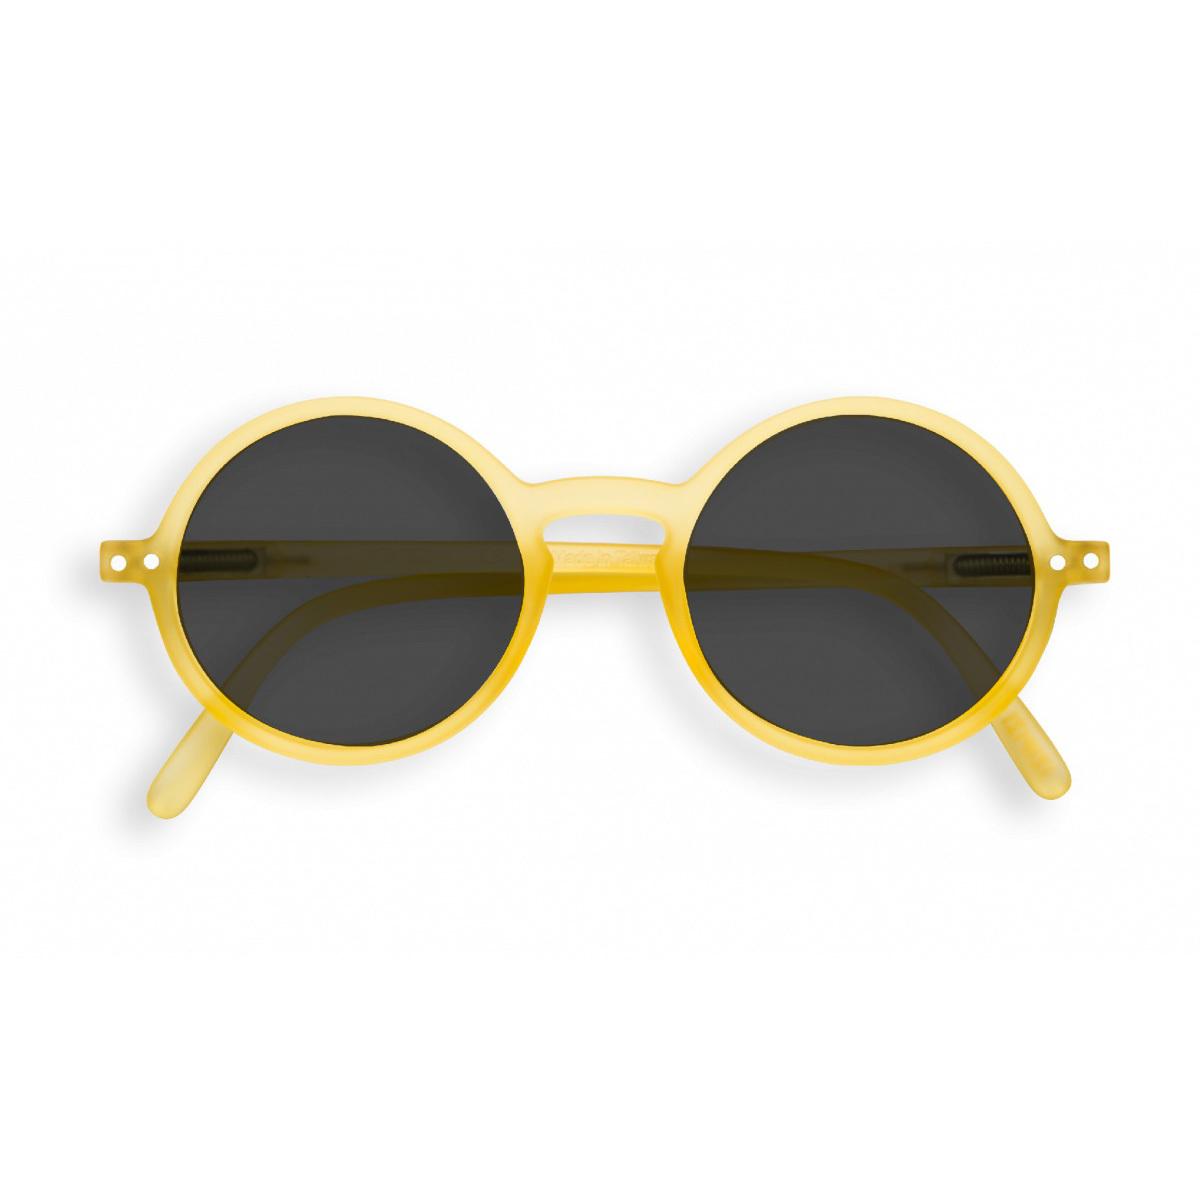 Accessoires bébé Lunettes de Soleil G Junior Yellow Chrome - 3/10 Ans Lunettes de Soleil G Junior Yellow Chrome - 3/10 Ans